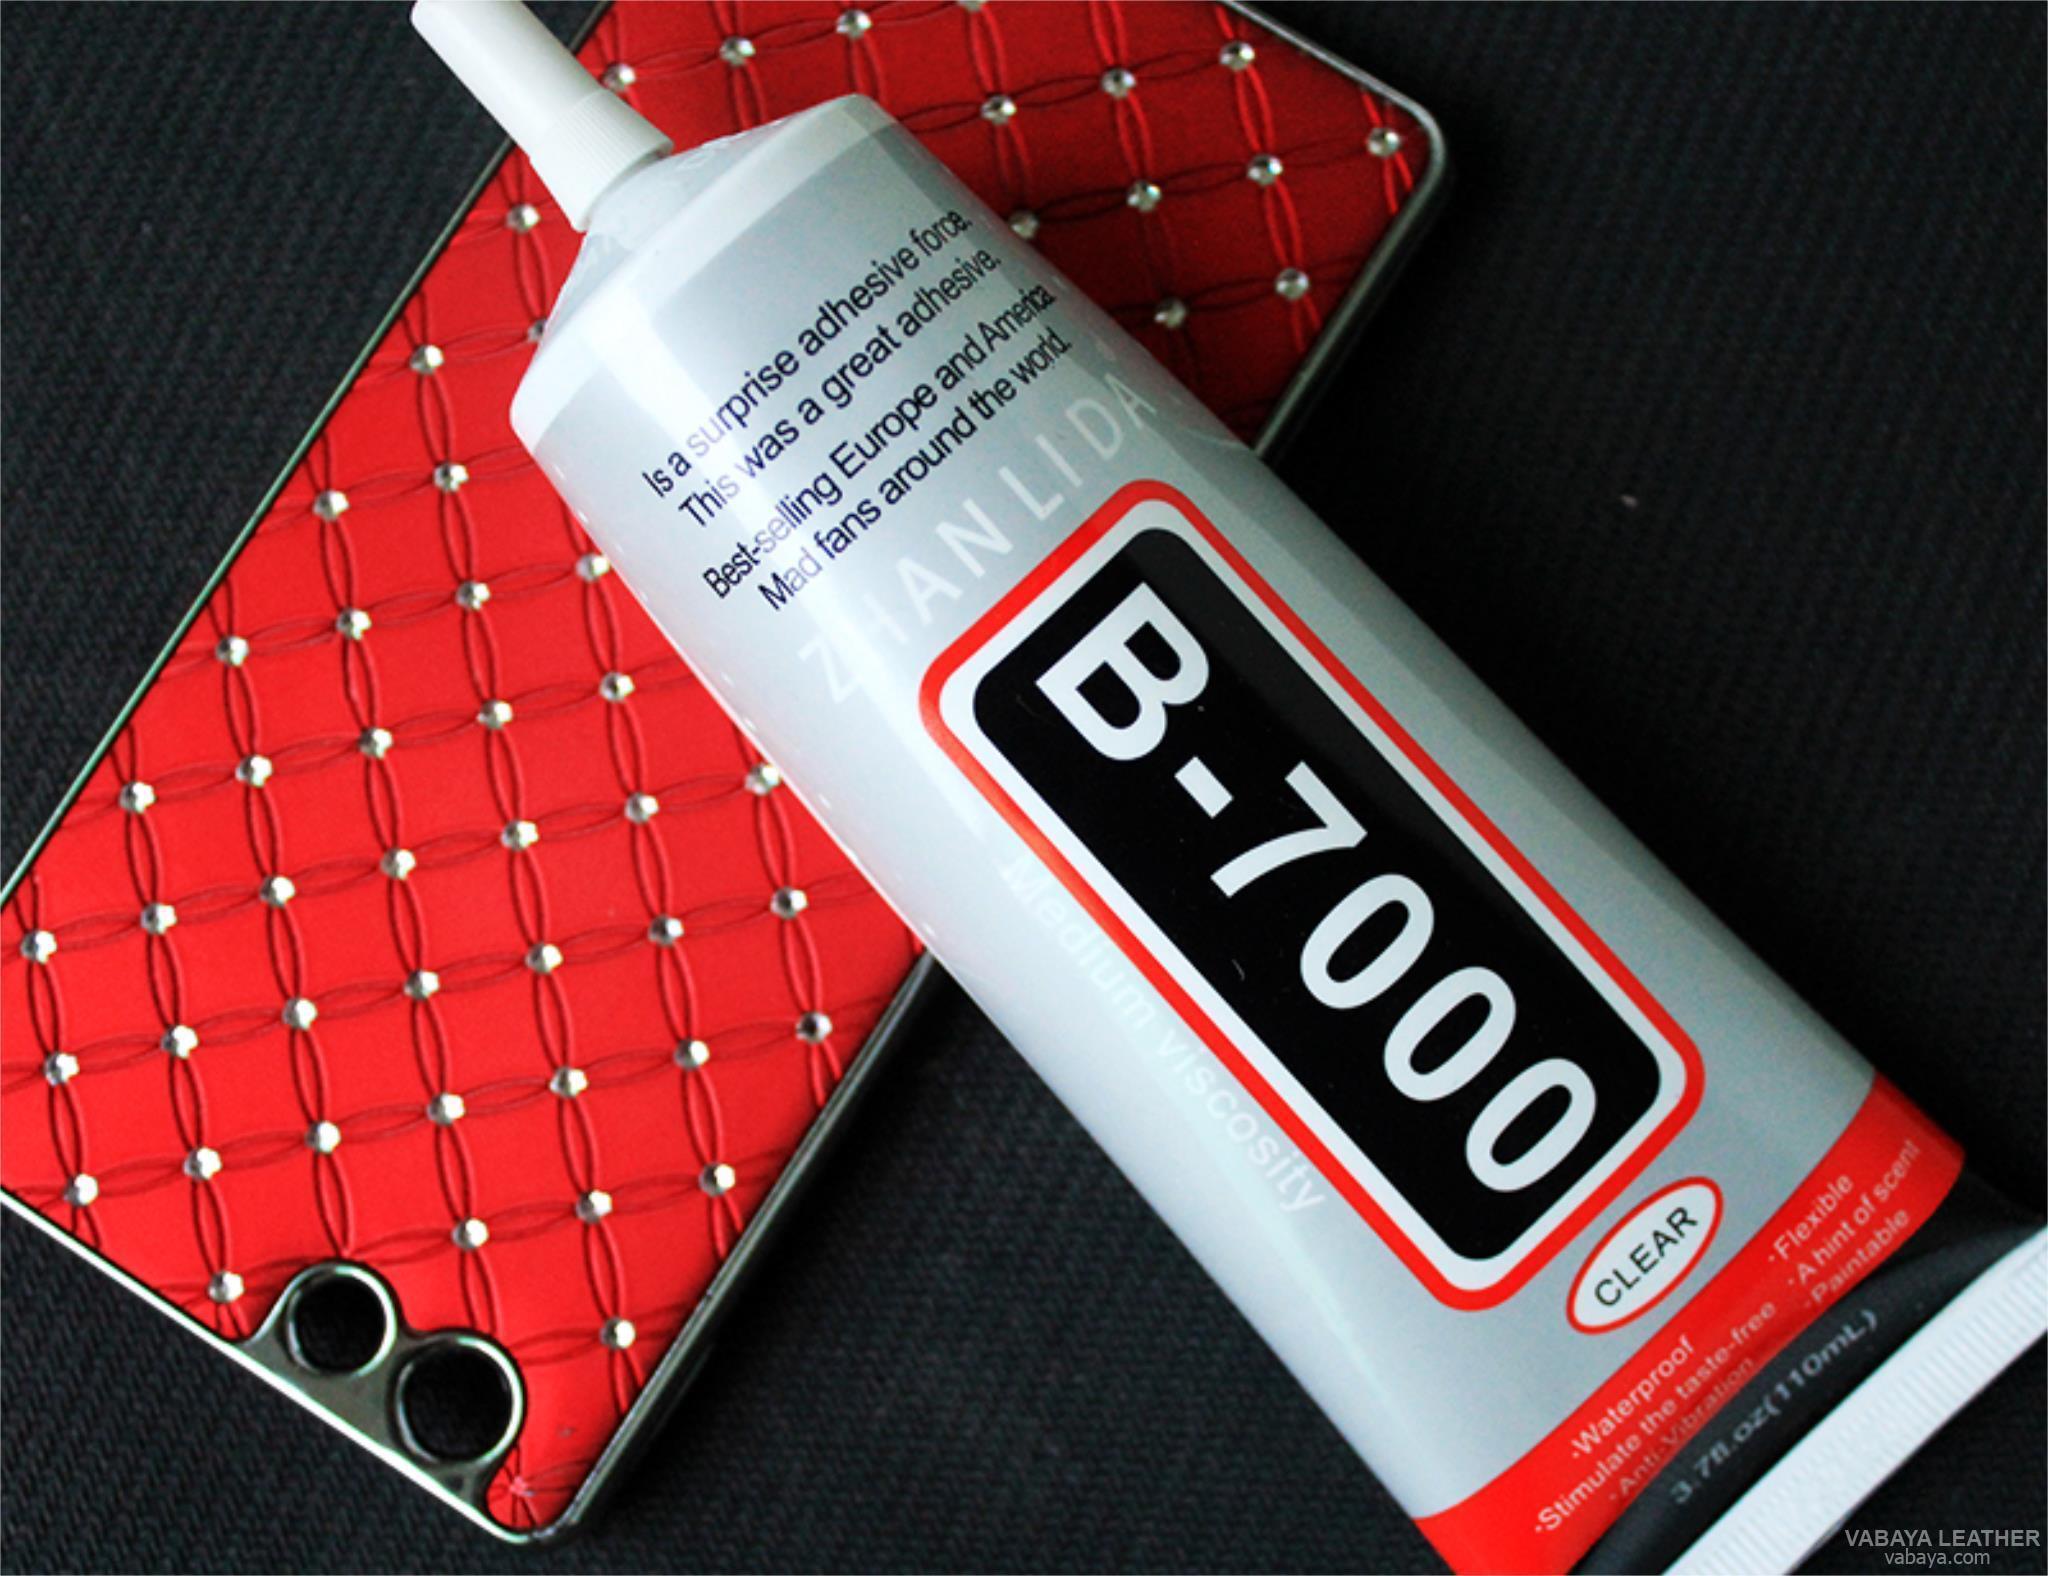 Keo B-7000